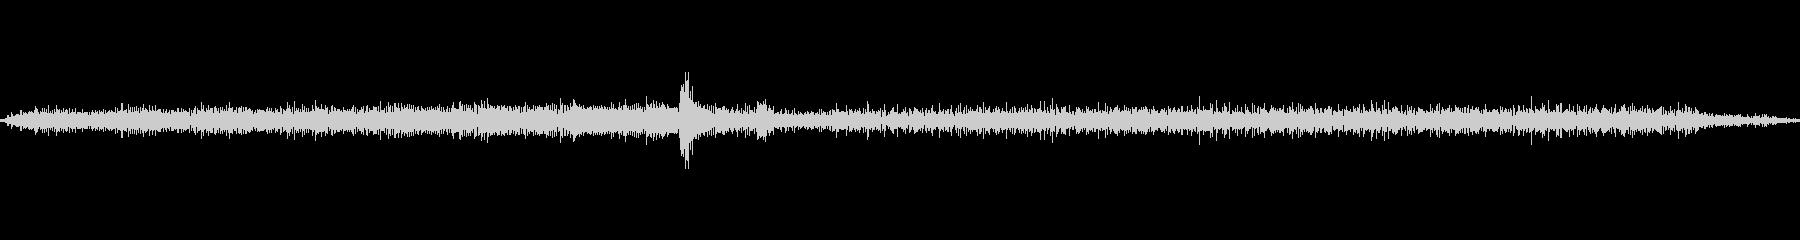 トーンハーモニックシンセの未再生の波形